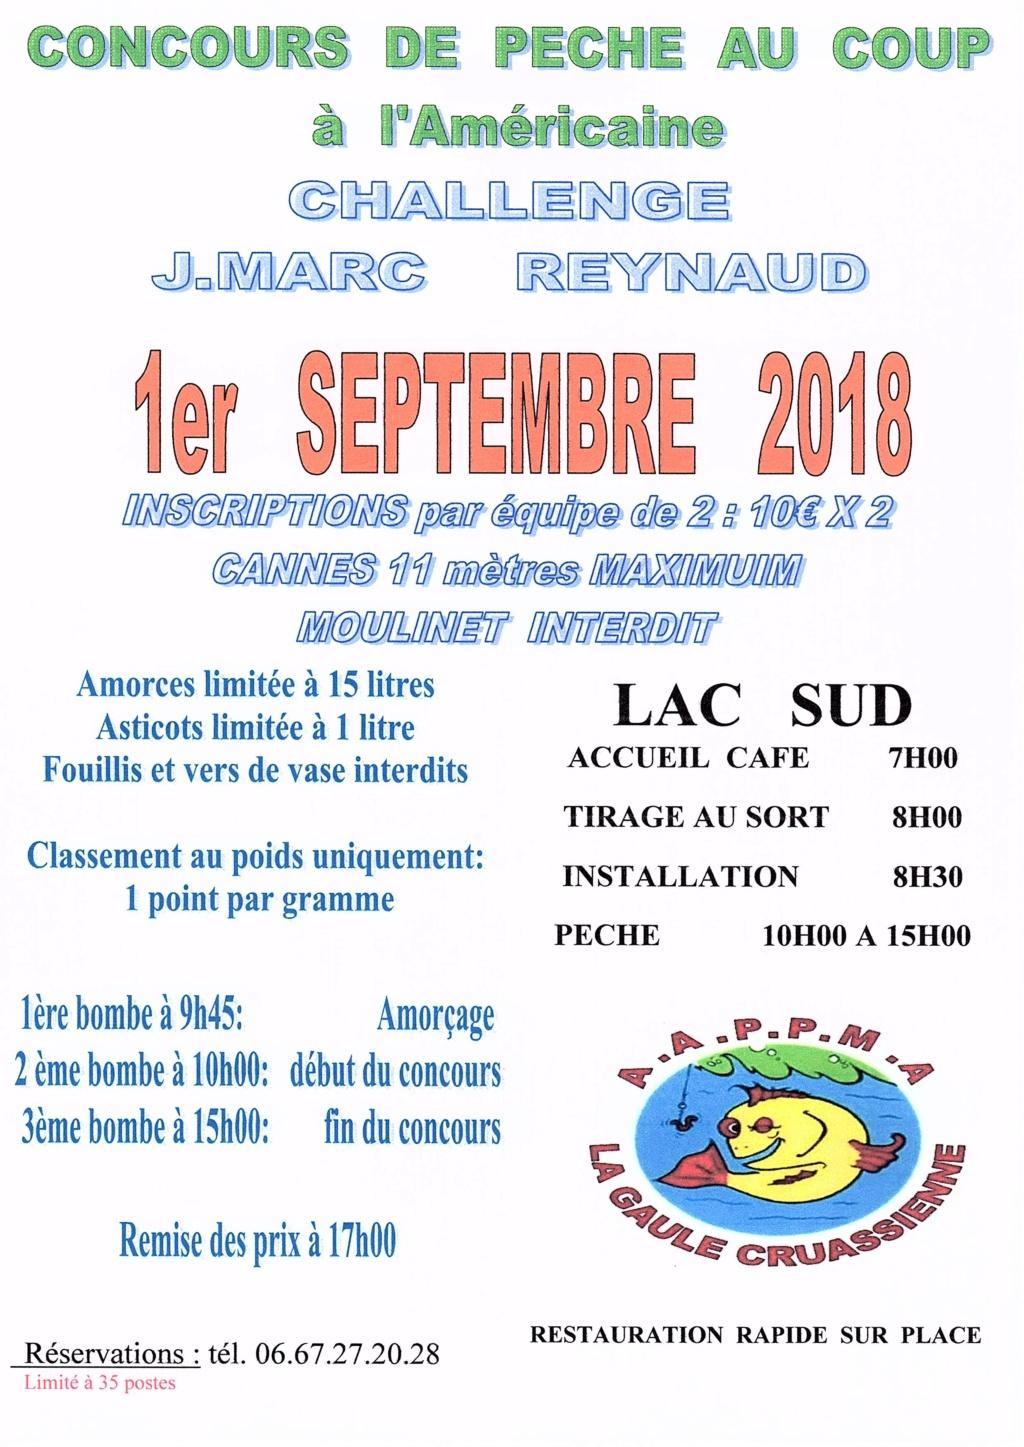 Concours en AM à cruas (07) le samedi 1 septembre 2018 110